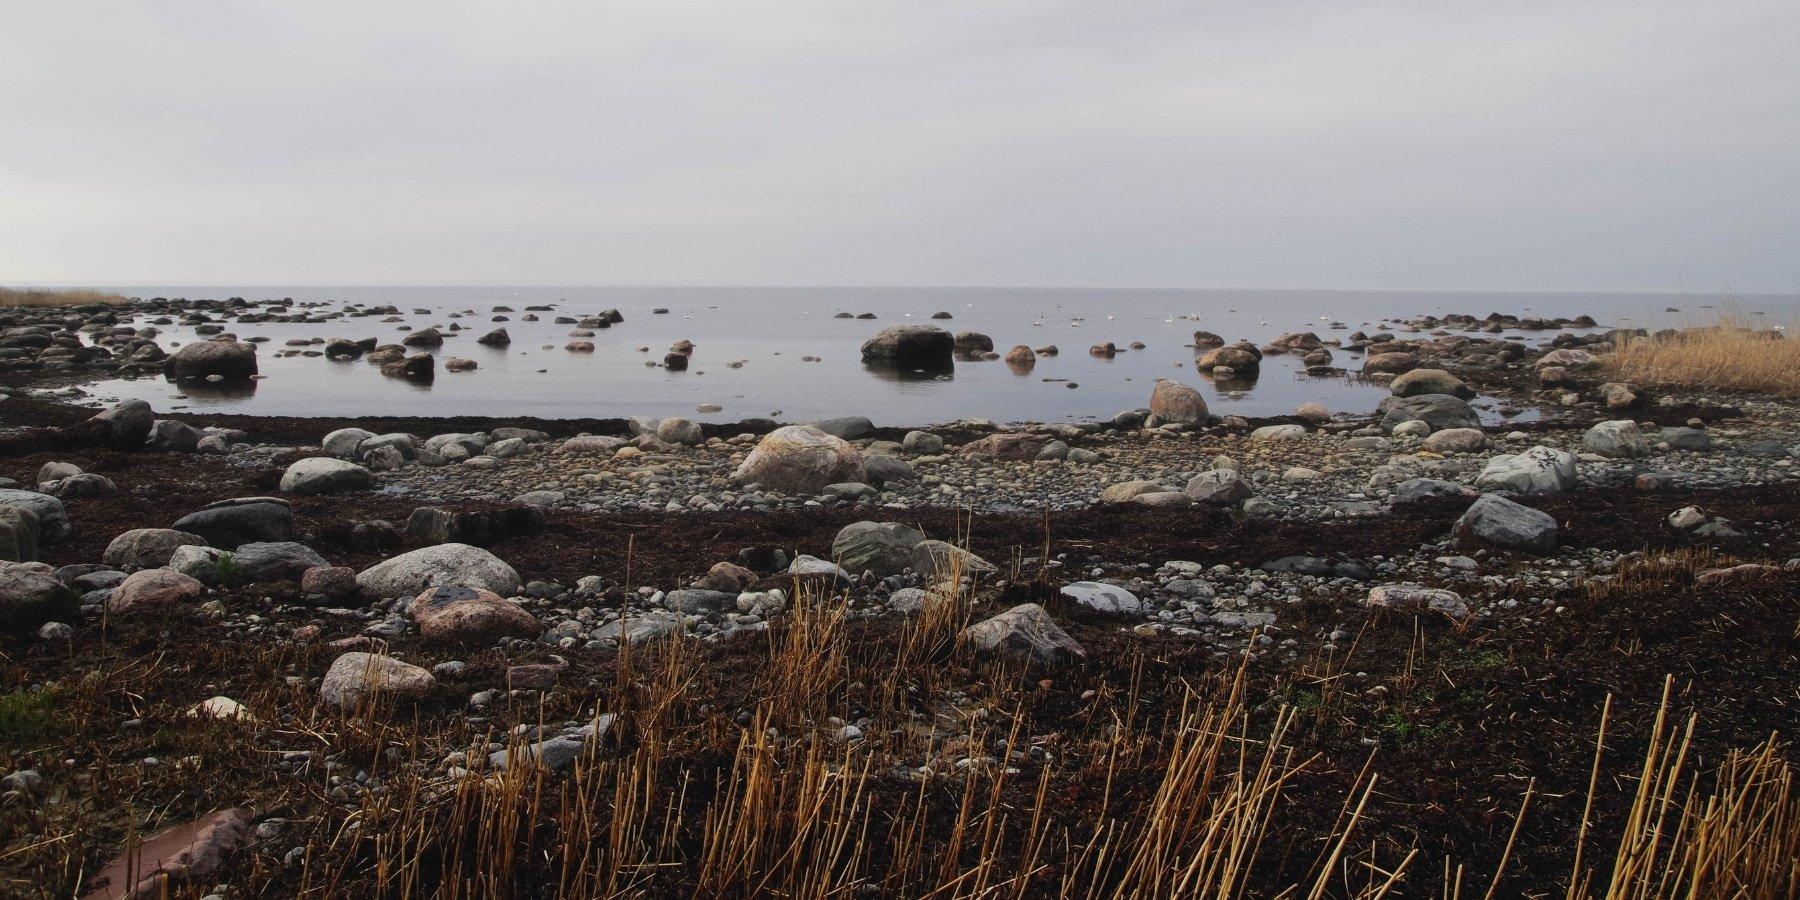 Les plantes du littoral : zoom sur la Criste marine